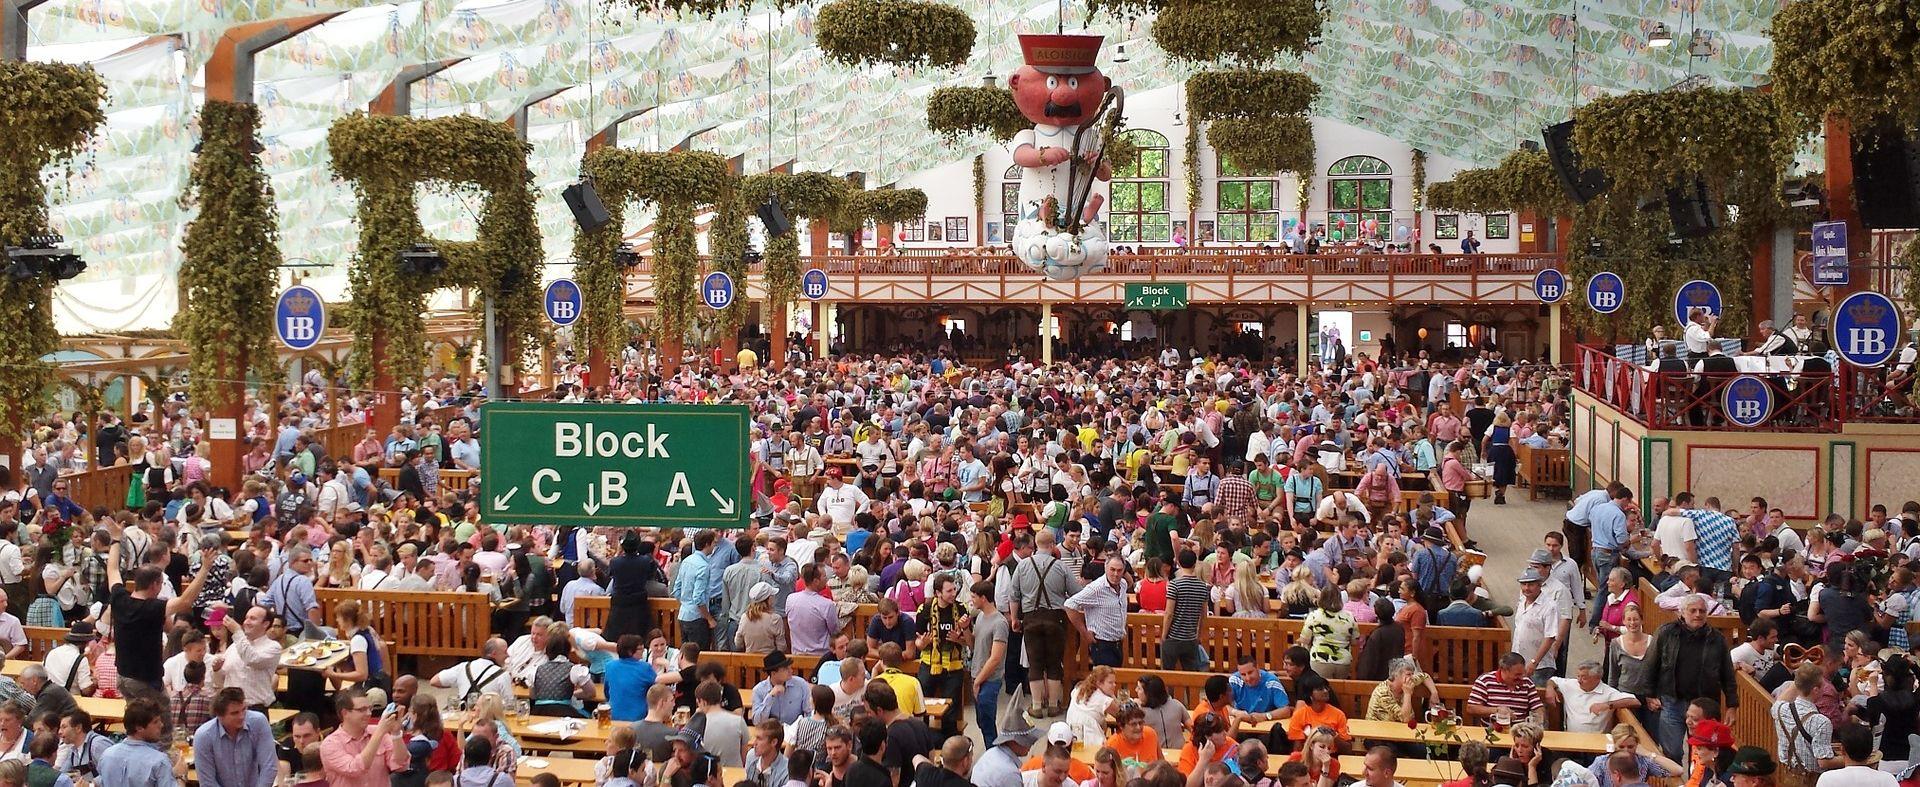 HLADNO VRIJEME, KIŠA, IZBJEGLICE… Ove godine znatno opao broj posjetitelja Oktoberfesta